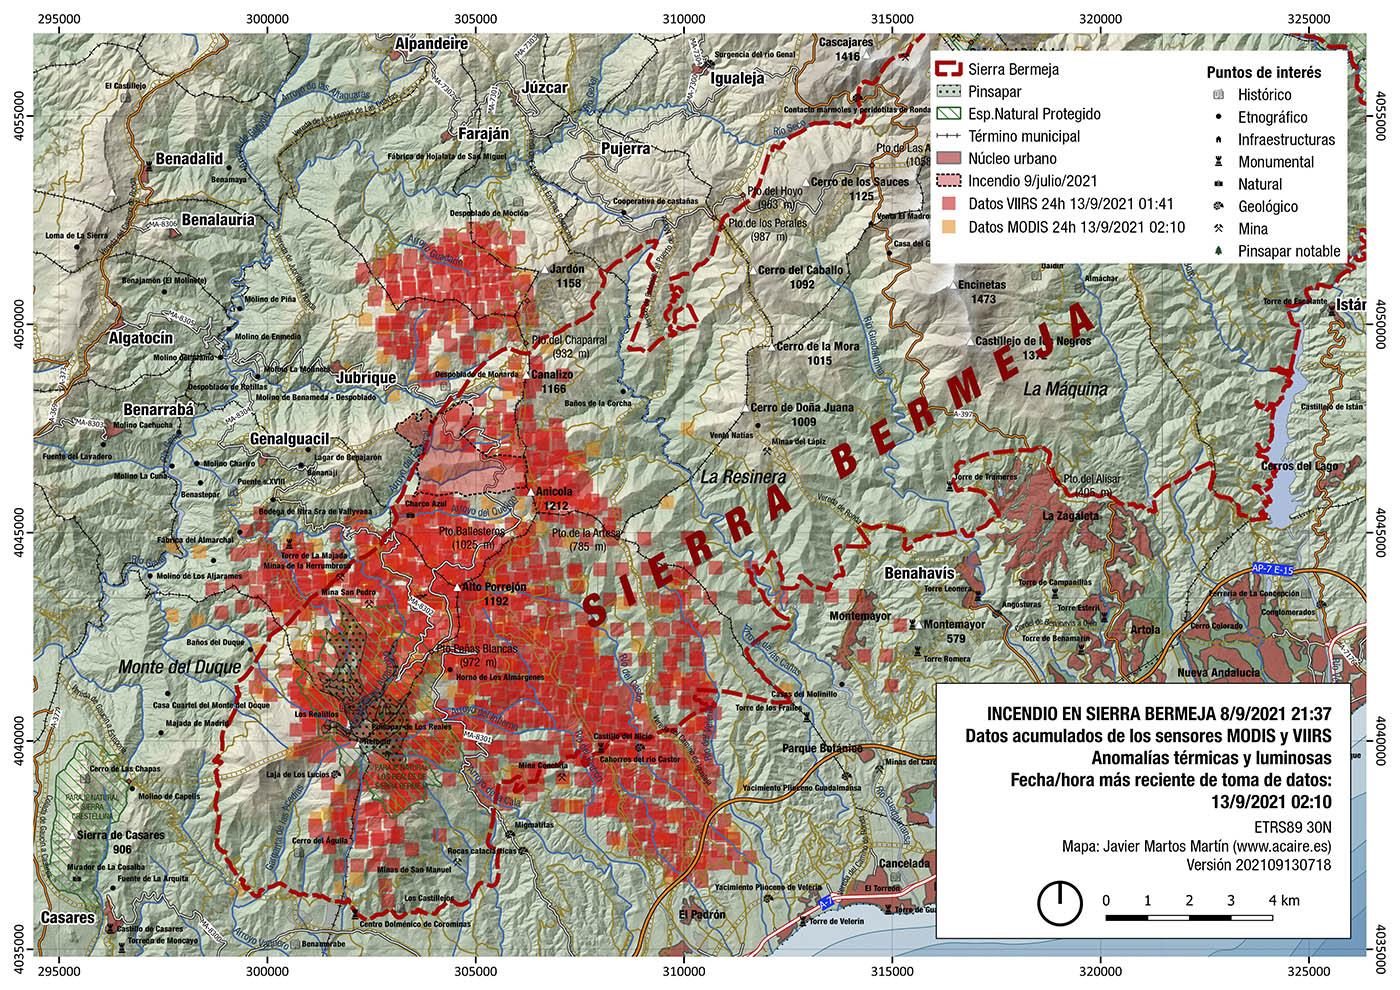 Incendio de Sierra Bermeja. Estimación del 13/9/2021